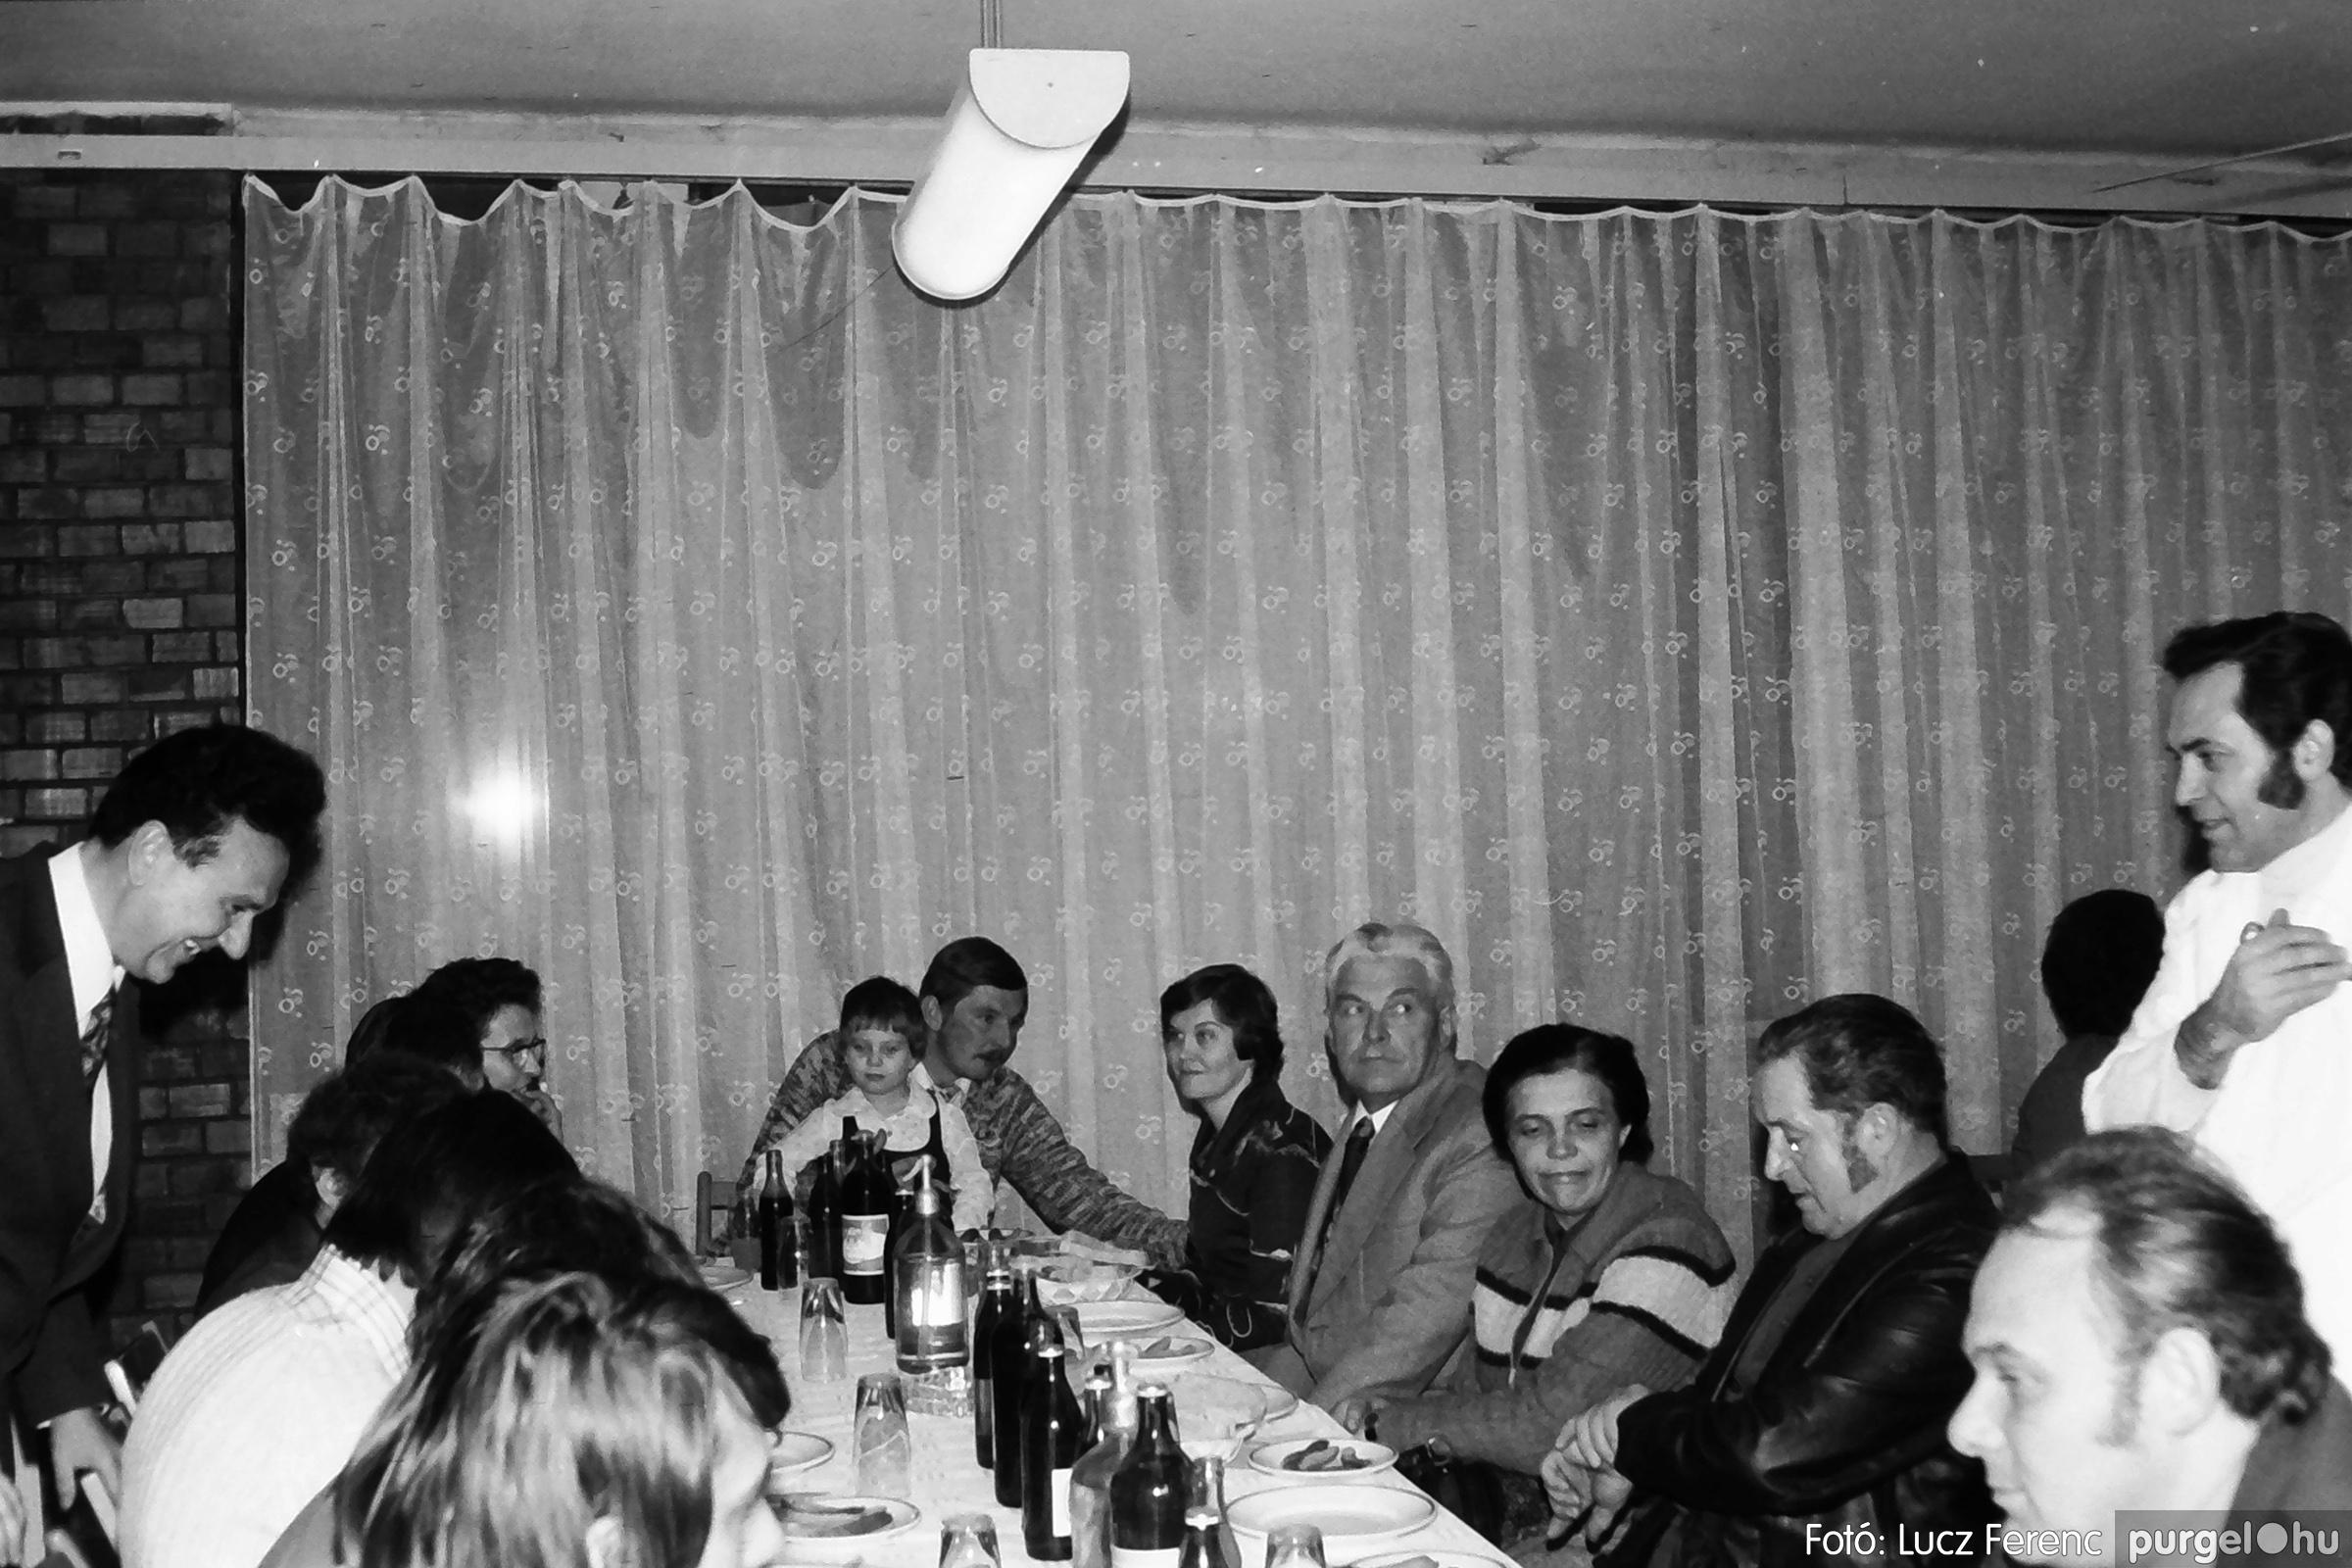 066-067. 1976. A Herkulesfürdői emlék című film ősbemutatója Szegváron 031. - Fotó: Lucz Ferenc.jpg